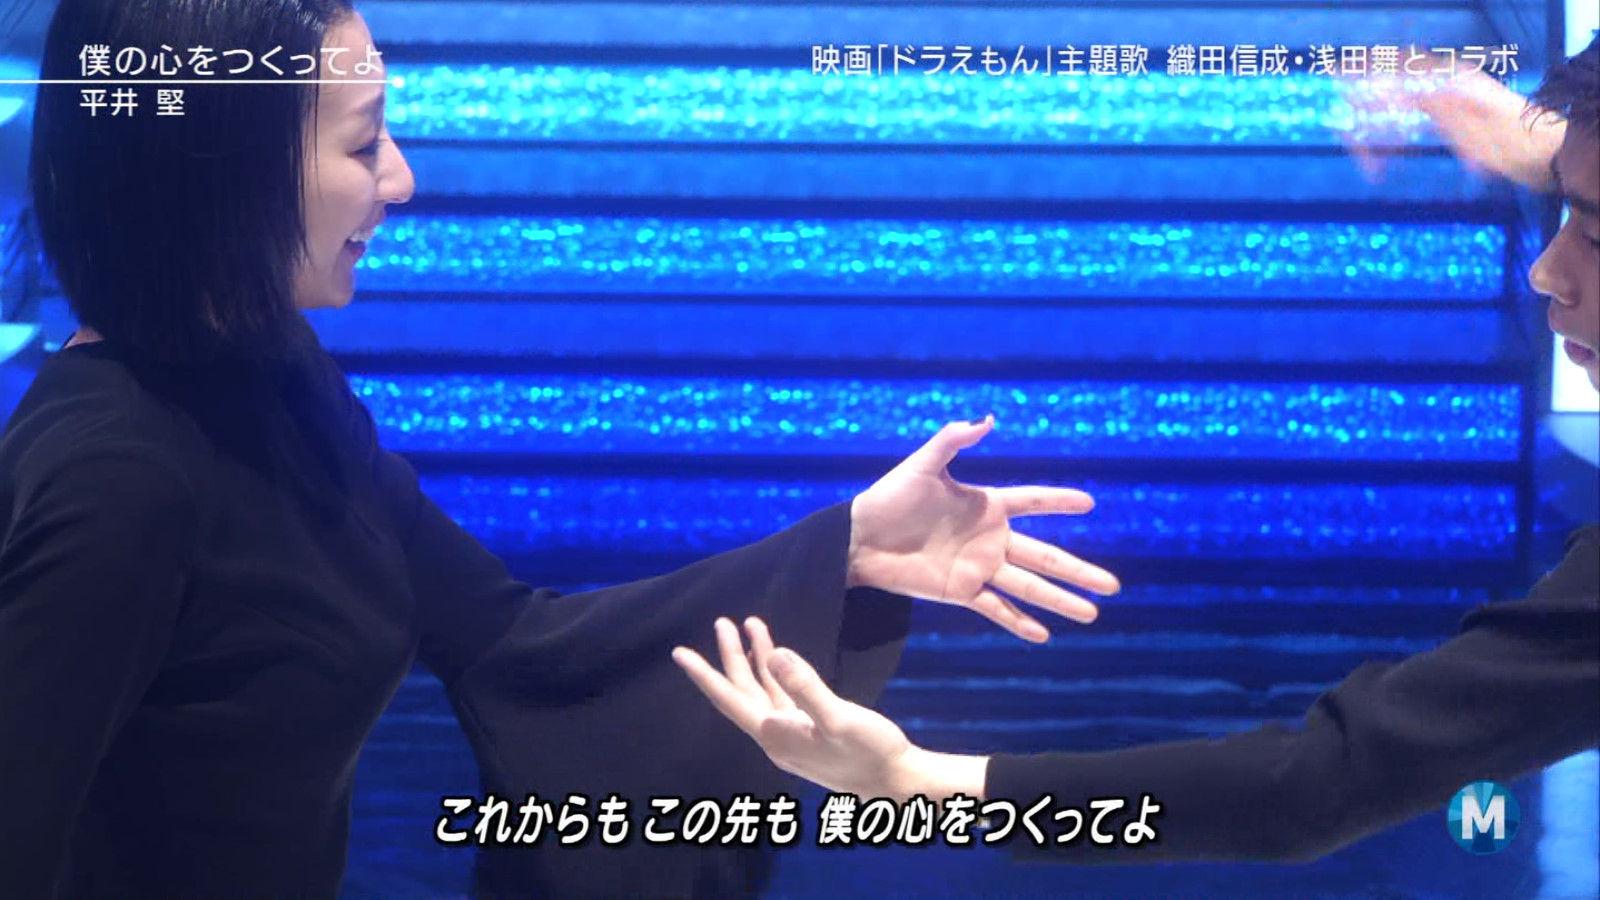 昨日のMステの浅田舞見たか?お●ぱいエッロwwwwwww(画像 あり)